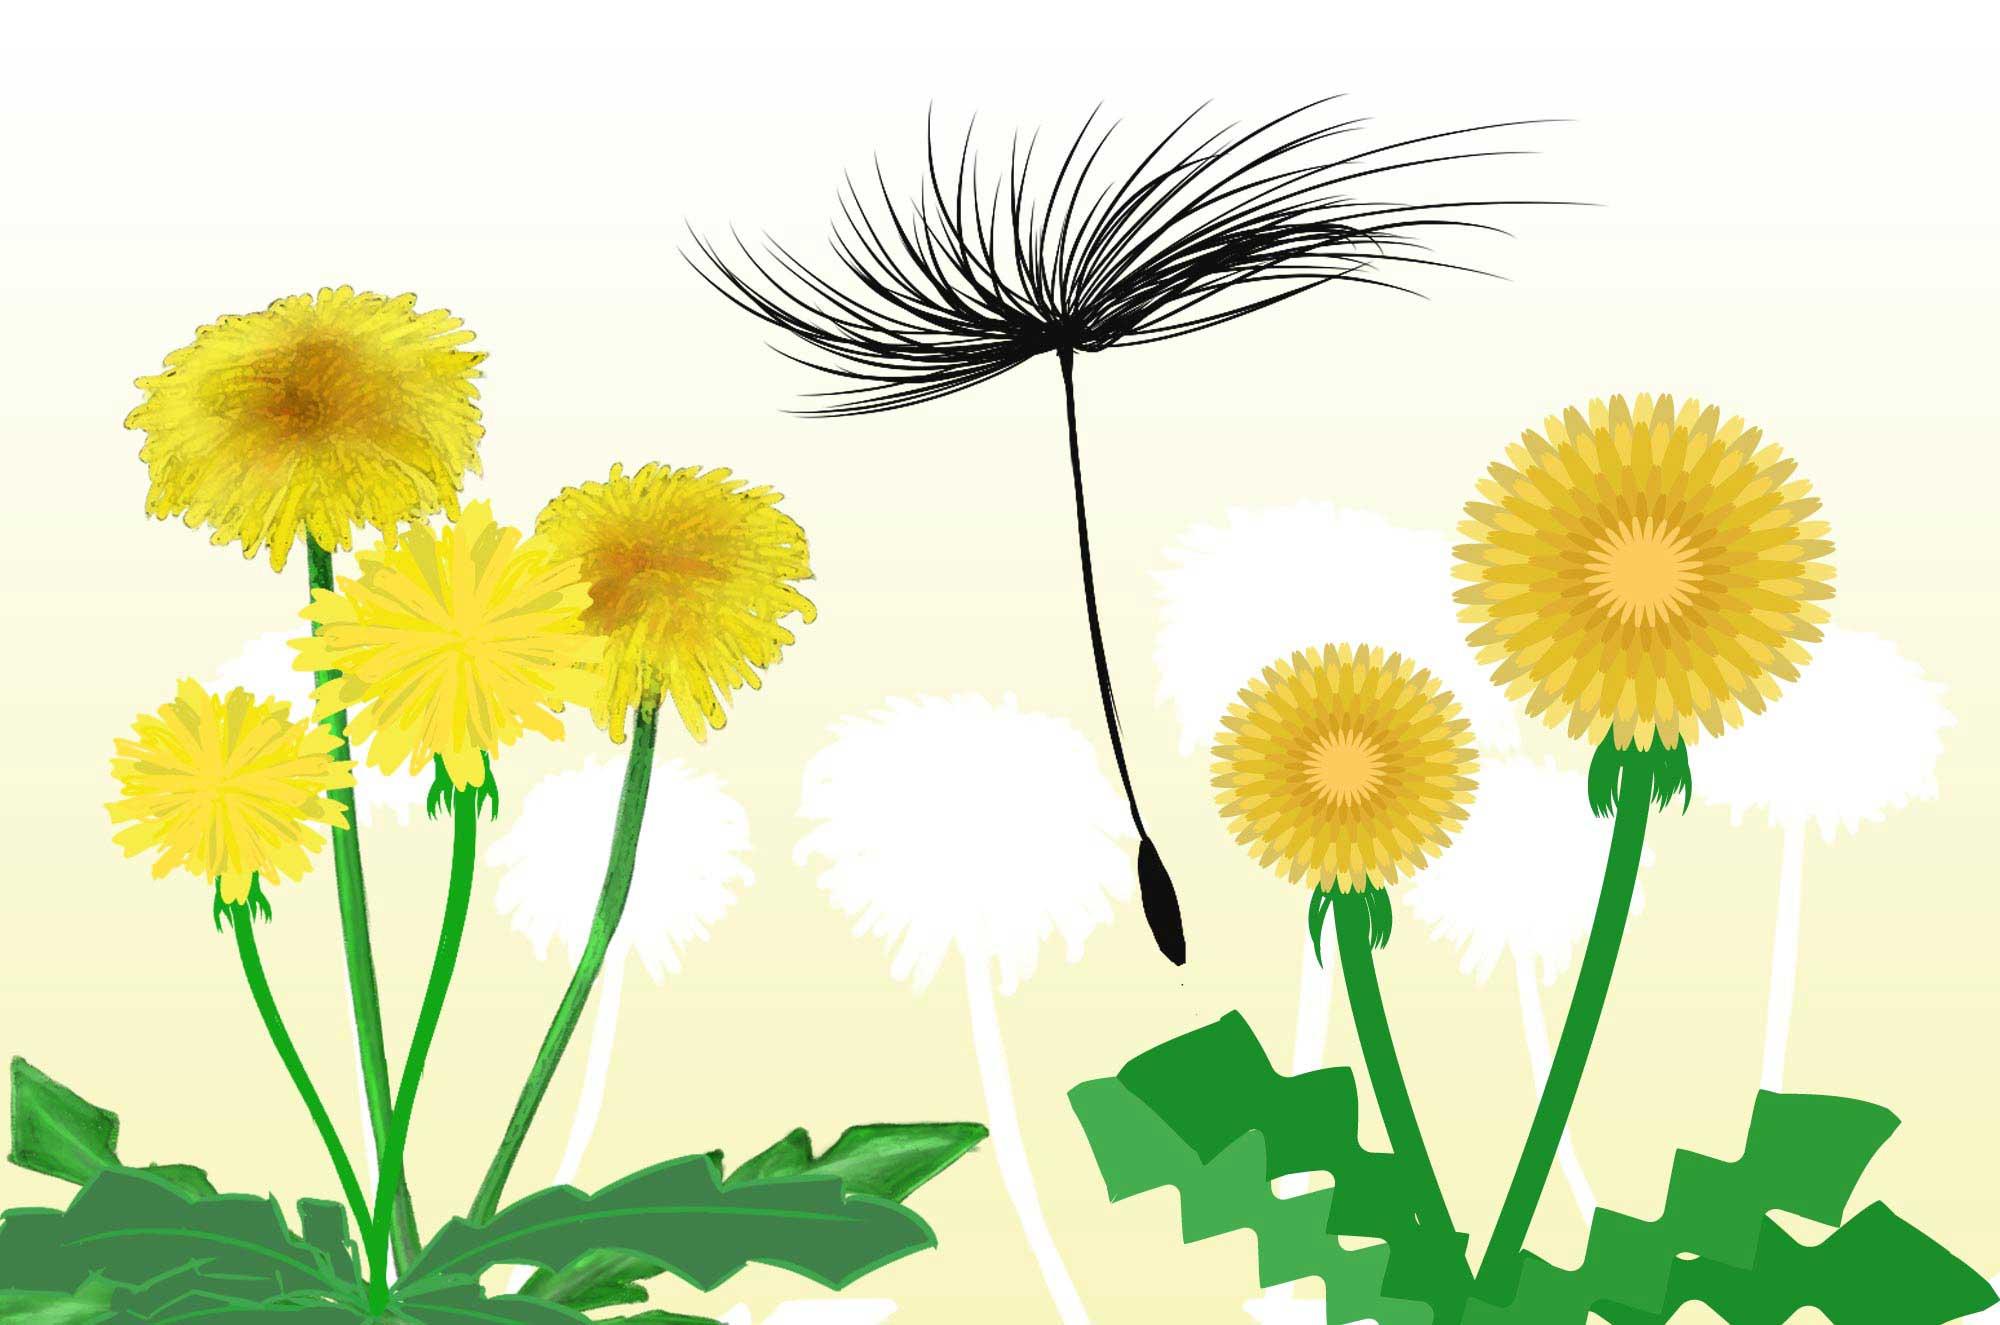 たんぽぽイラスト - 可愛い種と花の無料素材集